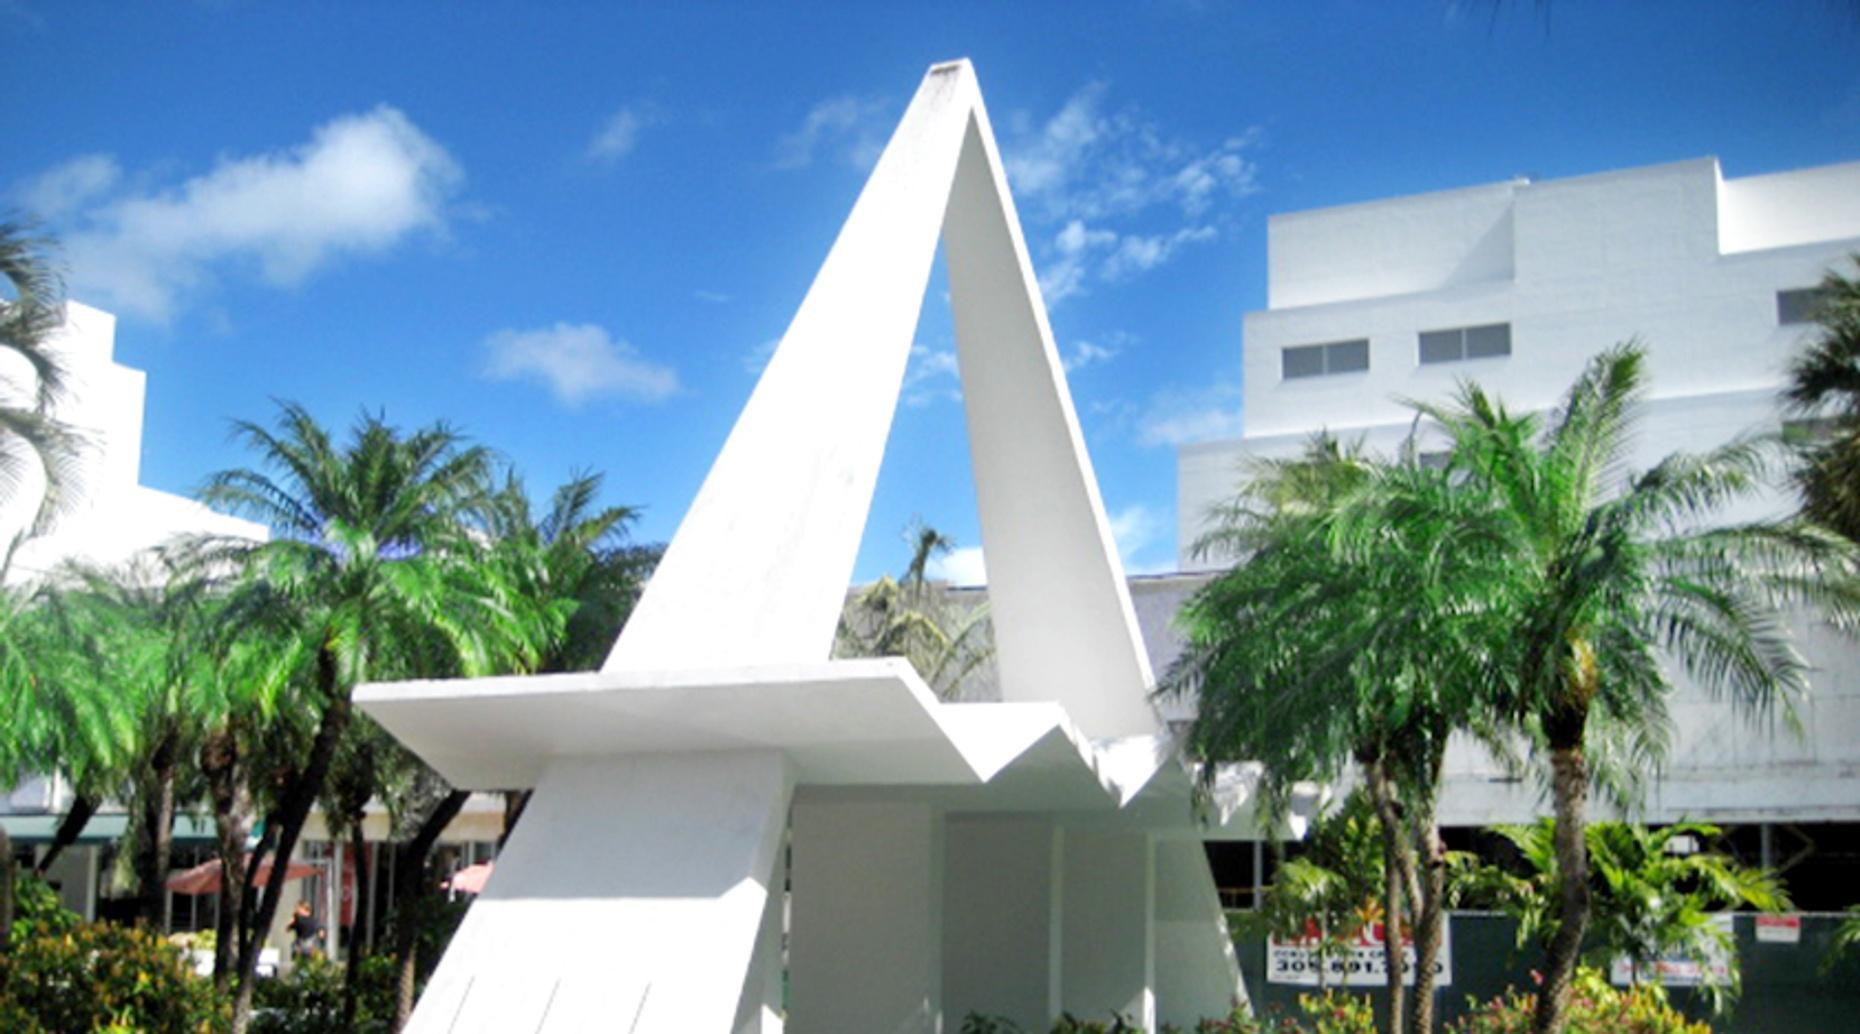 Adventure Quest in Miami's South Beach